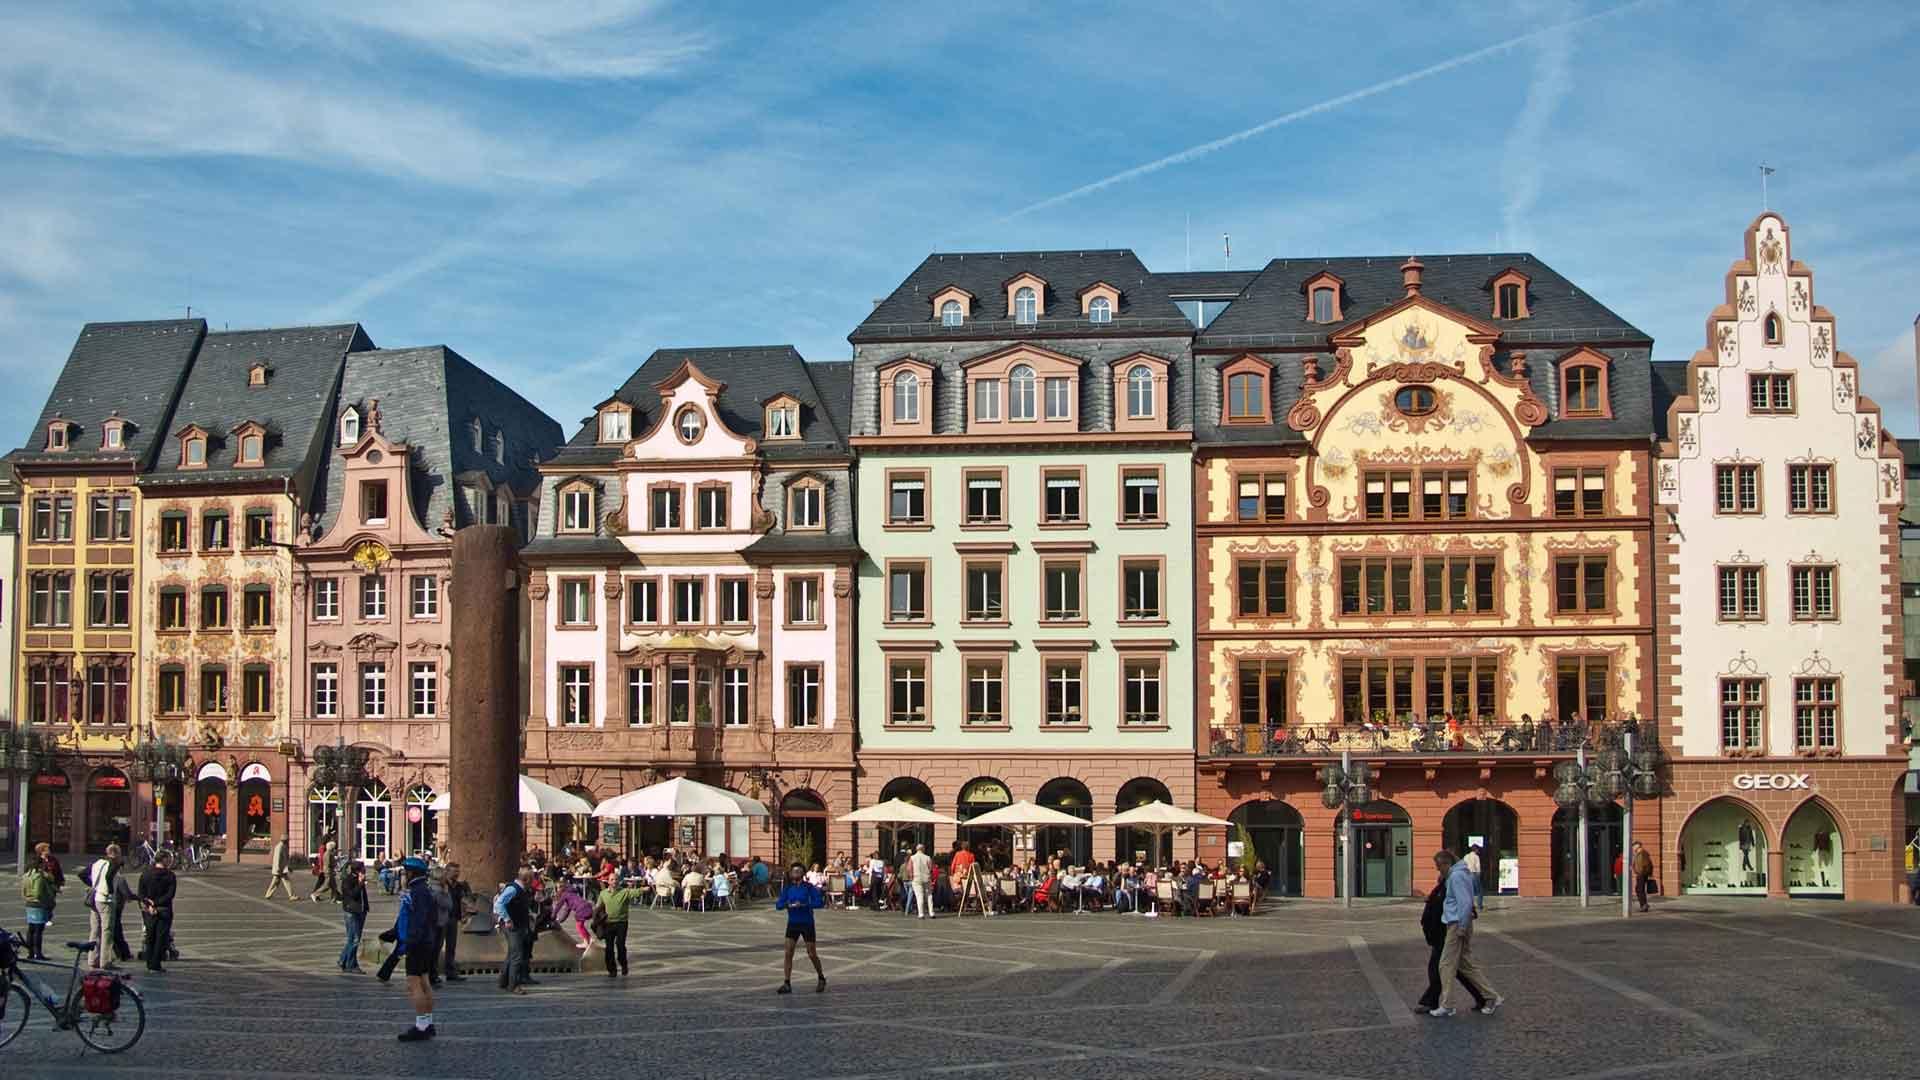 De mooie en voorname Marktplatz in Mainz.